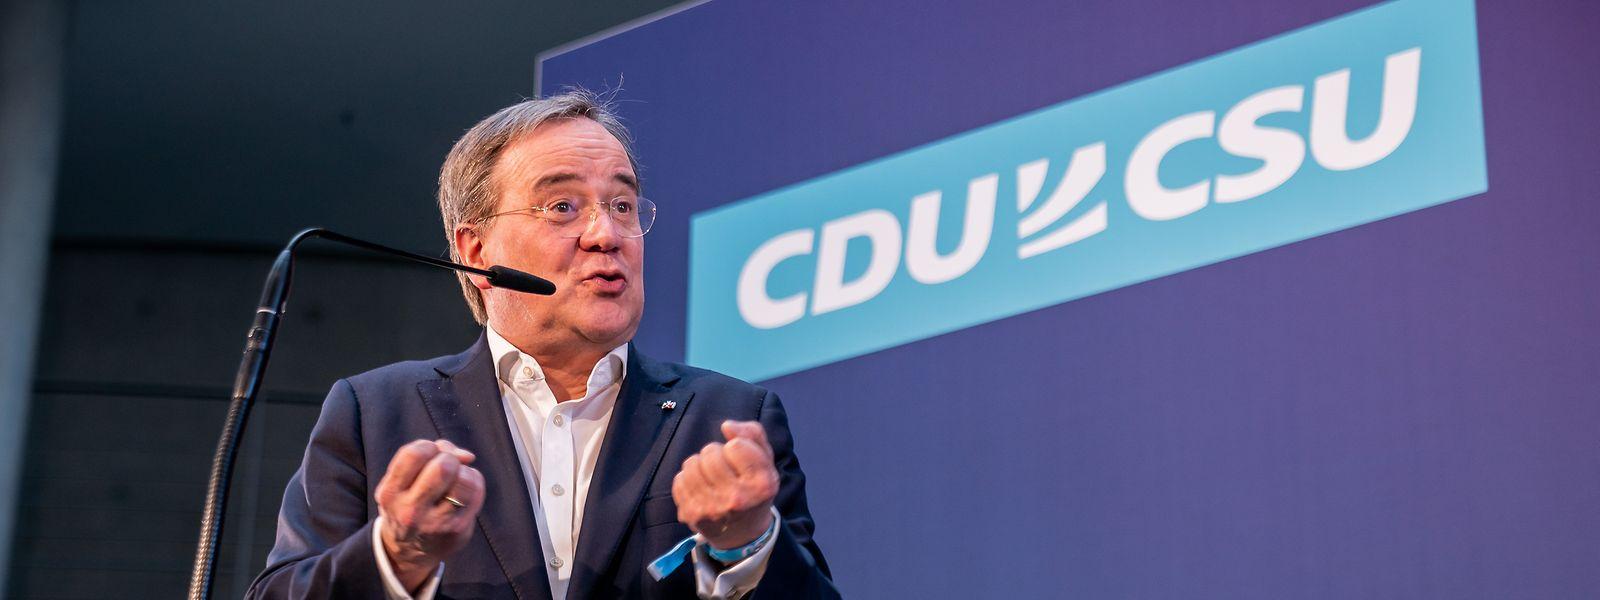 Der CDU-Bundesvorsitzende und Ministerpräsident von Nordrhein-Westfalen, Armin Laschet.